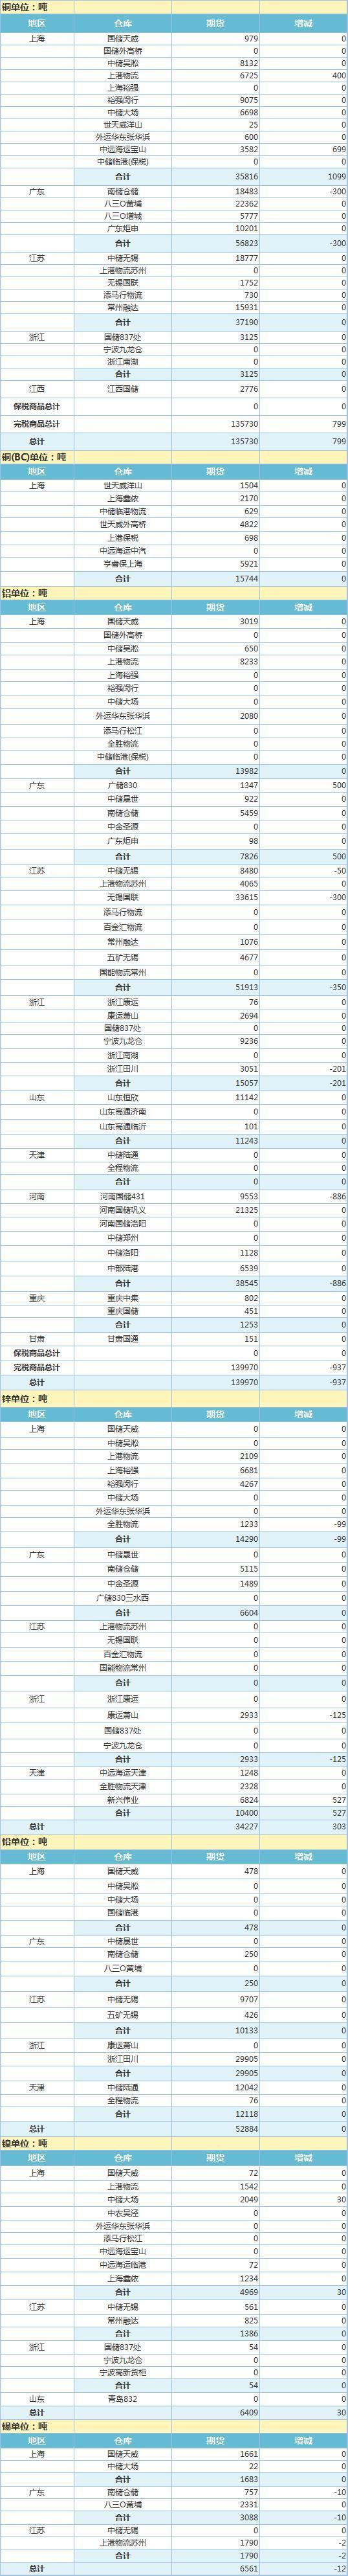 5月6日上海期 货交 易所金属库存日报